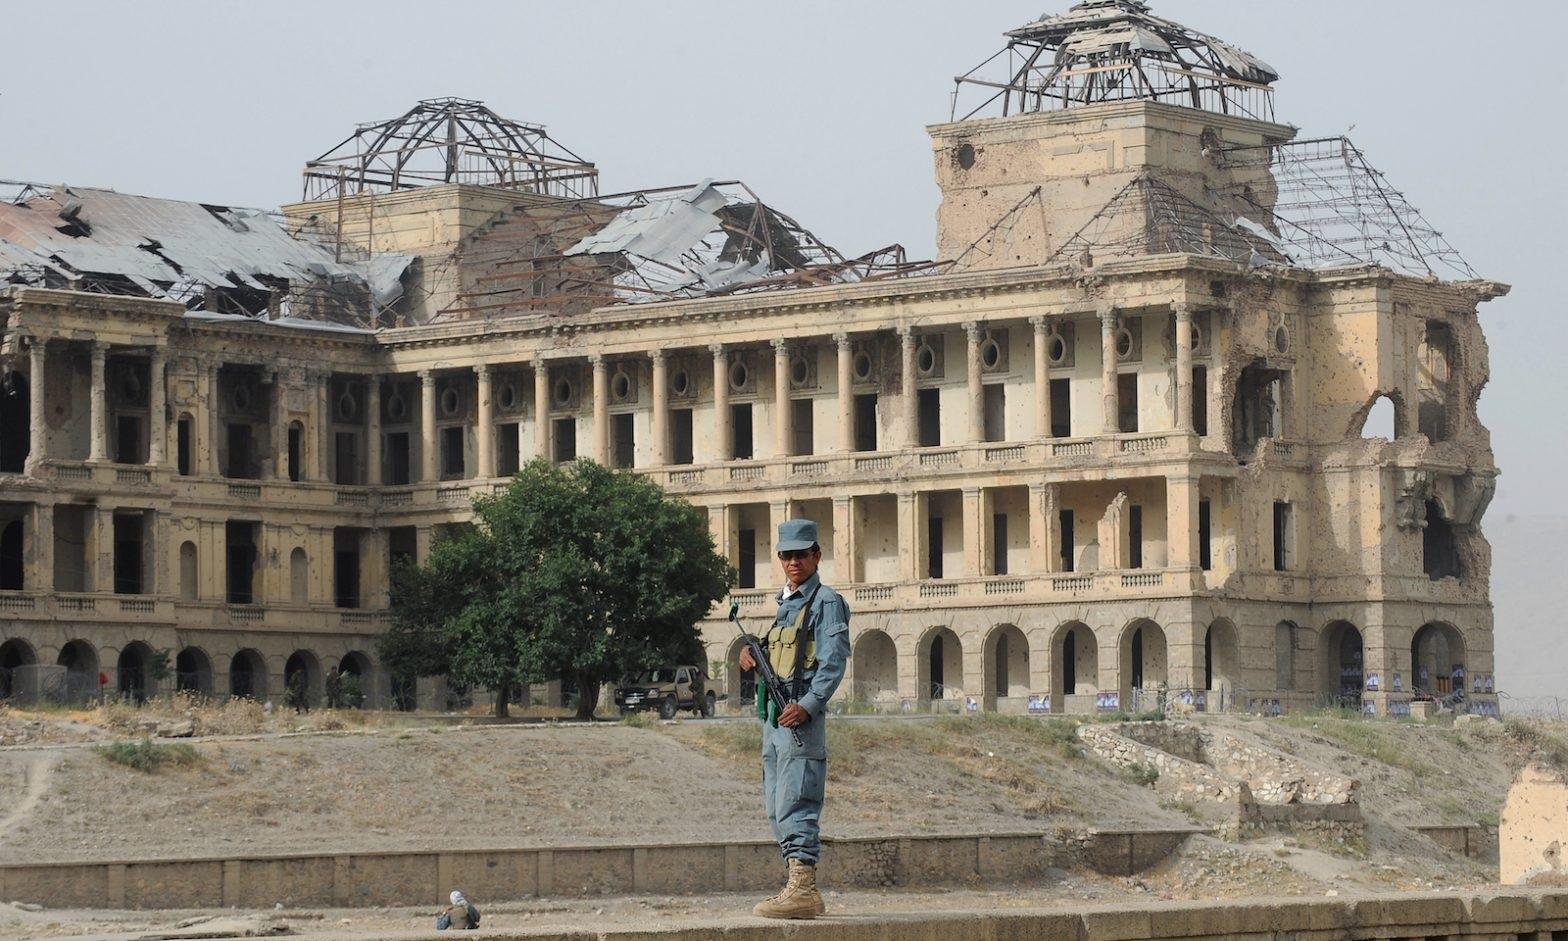 Go to Ближи ли се крај агонији у Aвганистану